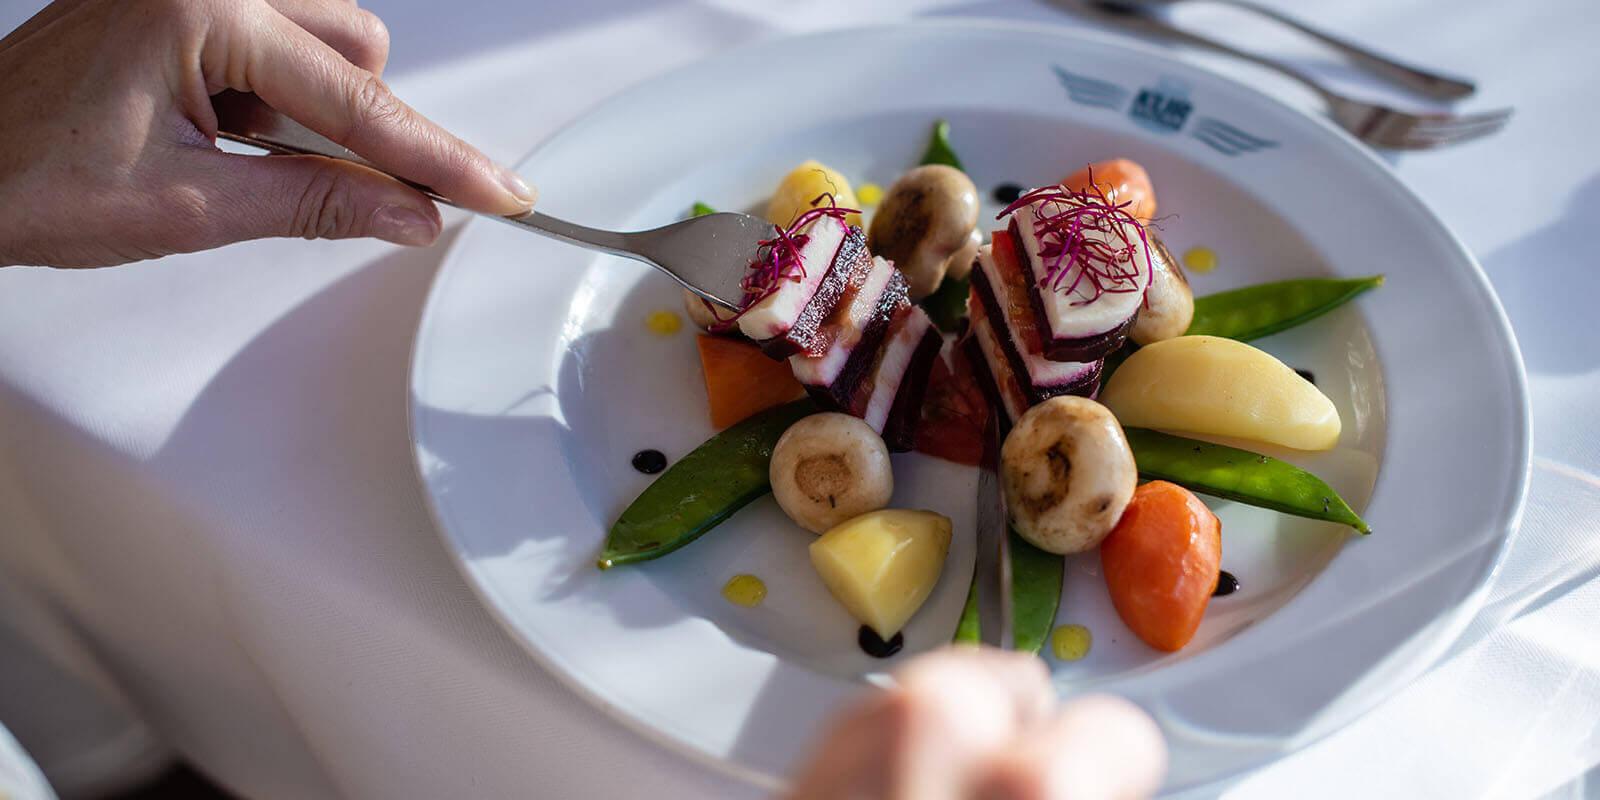 Leichte und frische Gerichte für Basenfasten und Heilsames Intervallfasten